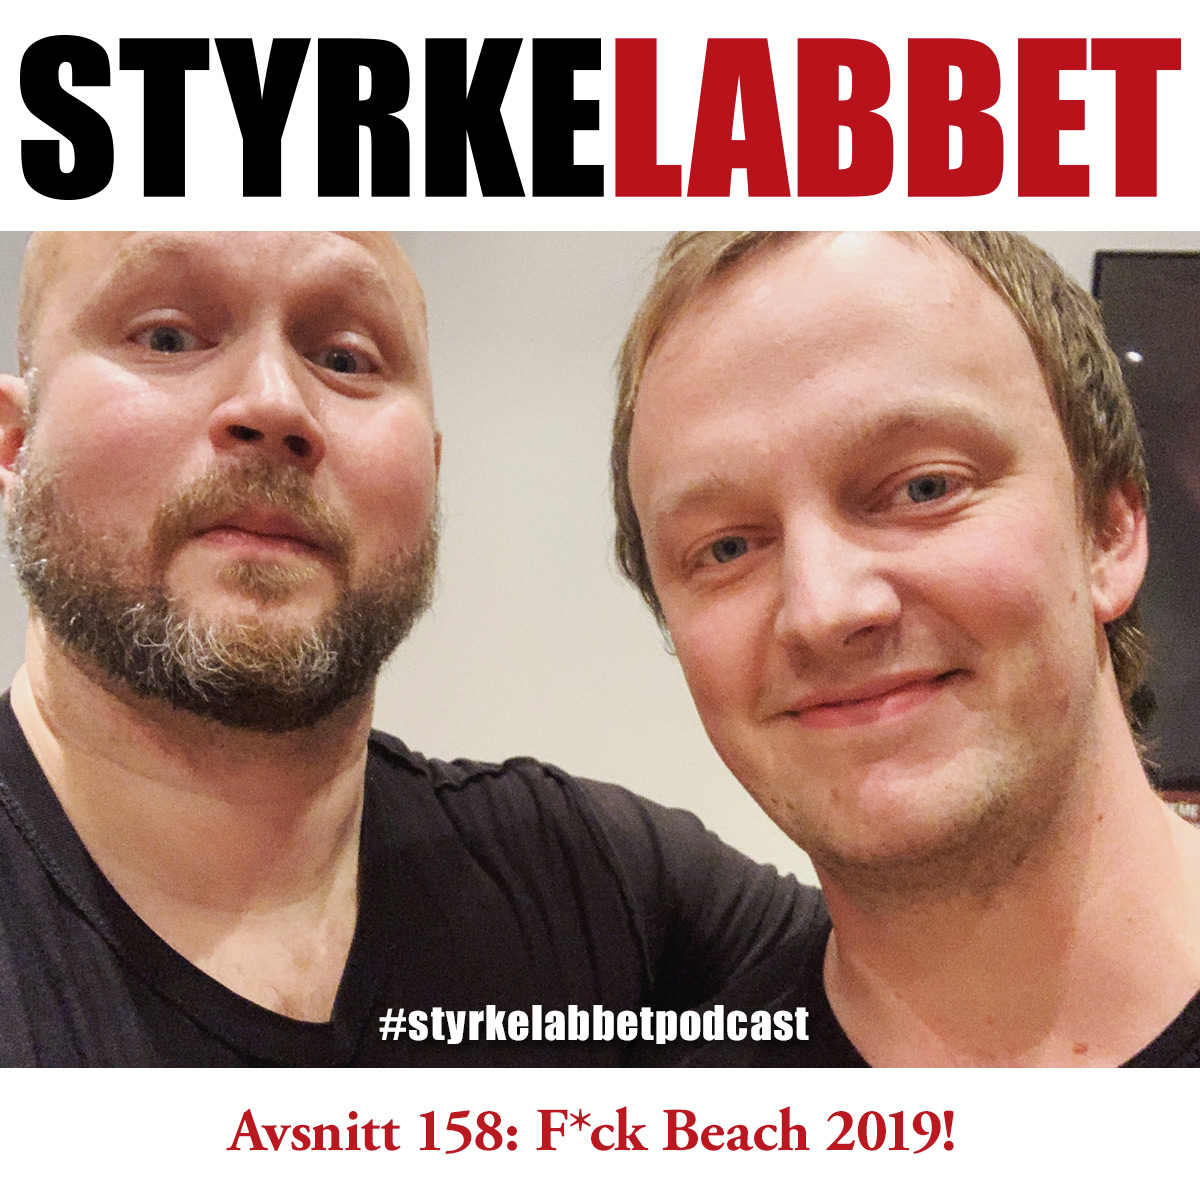 Styrkelabbet avsnitt 158: F*ck Beach 2019!